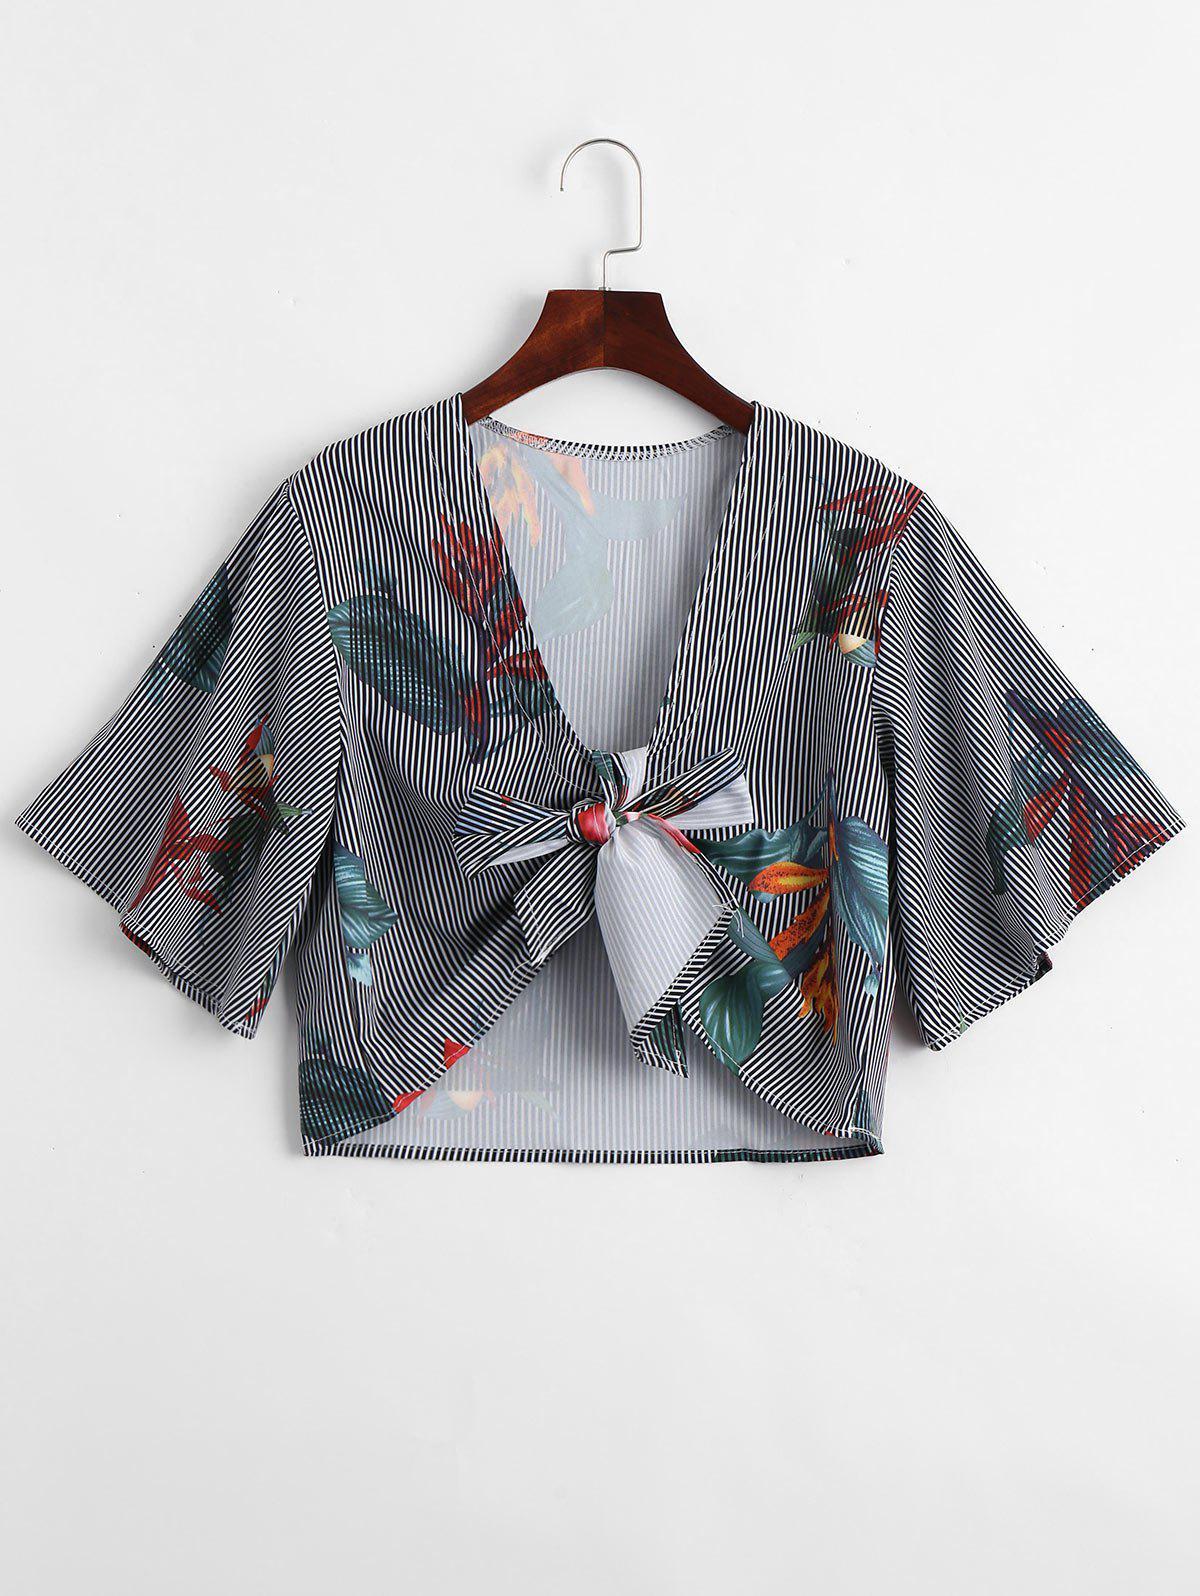 Gestreifte Bluse mit tiefem Ausschnitt ,Bltenmuster und Grtel